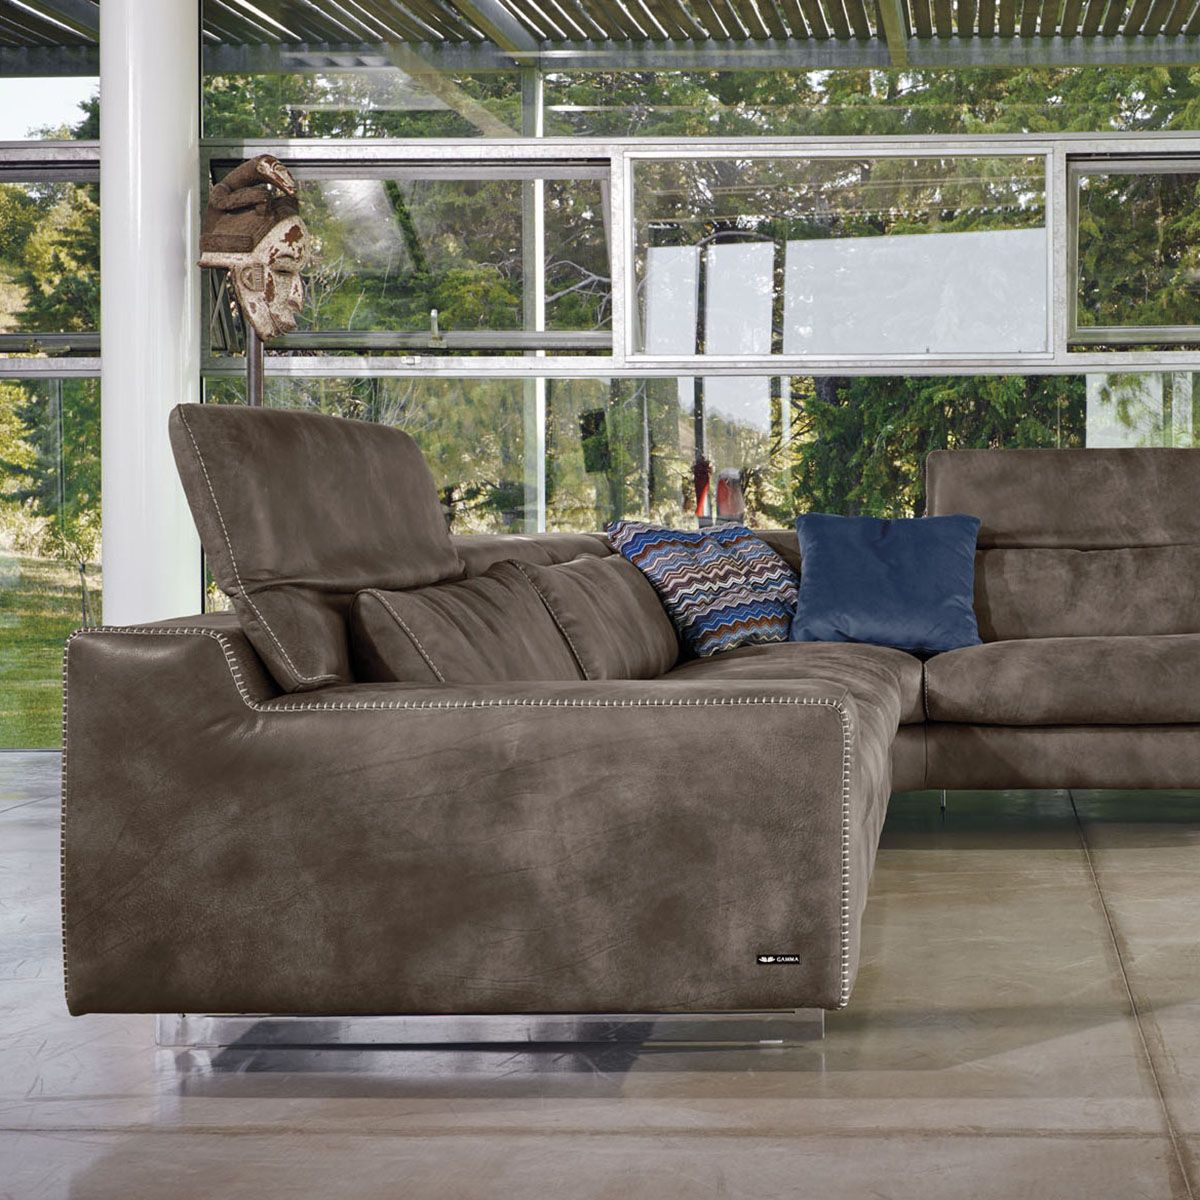 Sound Design Depot Furniture Miami Showroom Koltuk Sofa Sofa Design Italian Leather Sofa